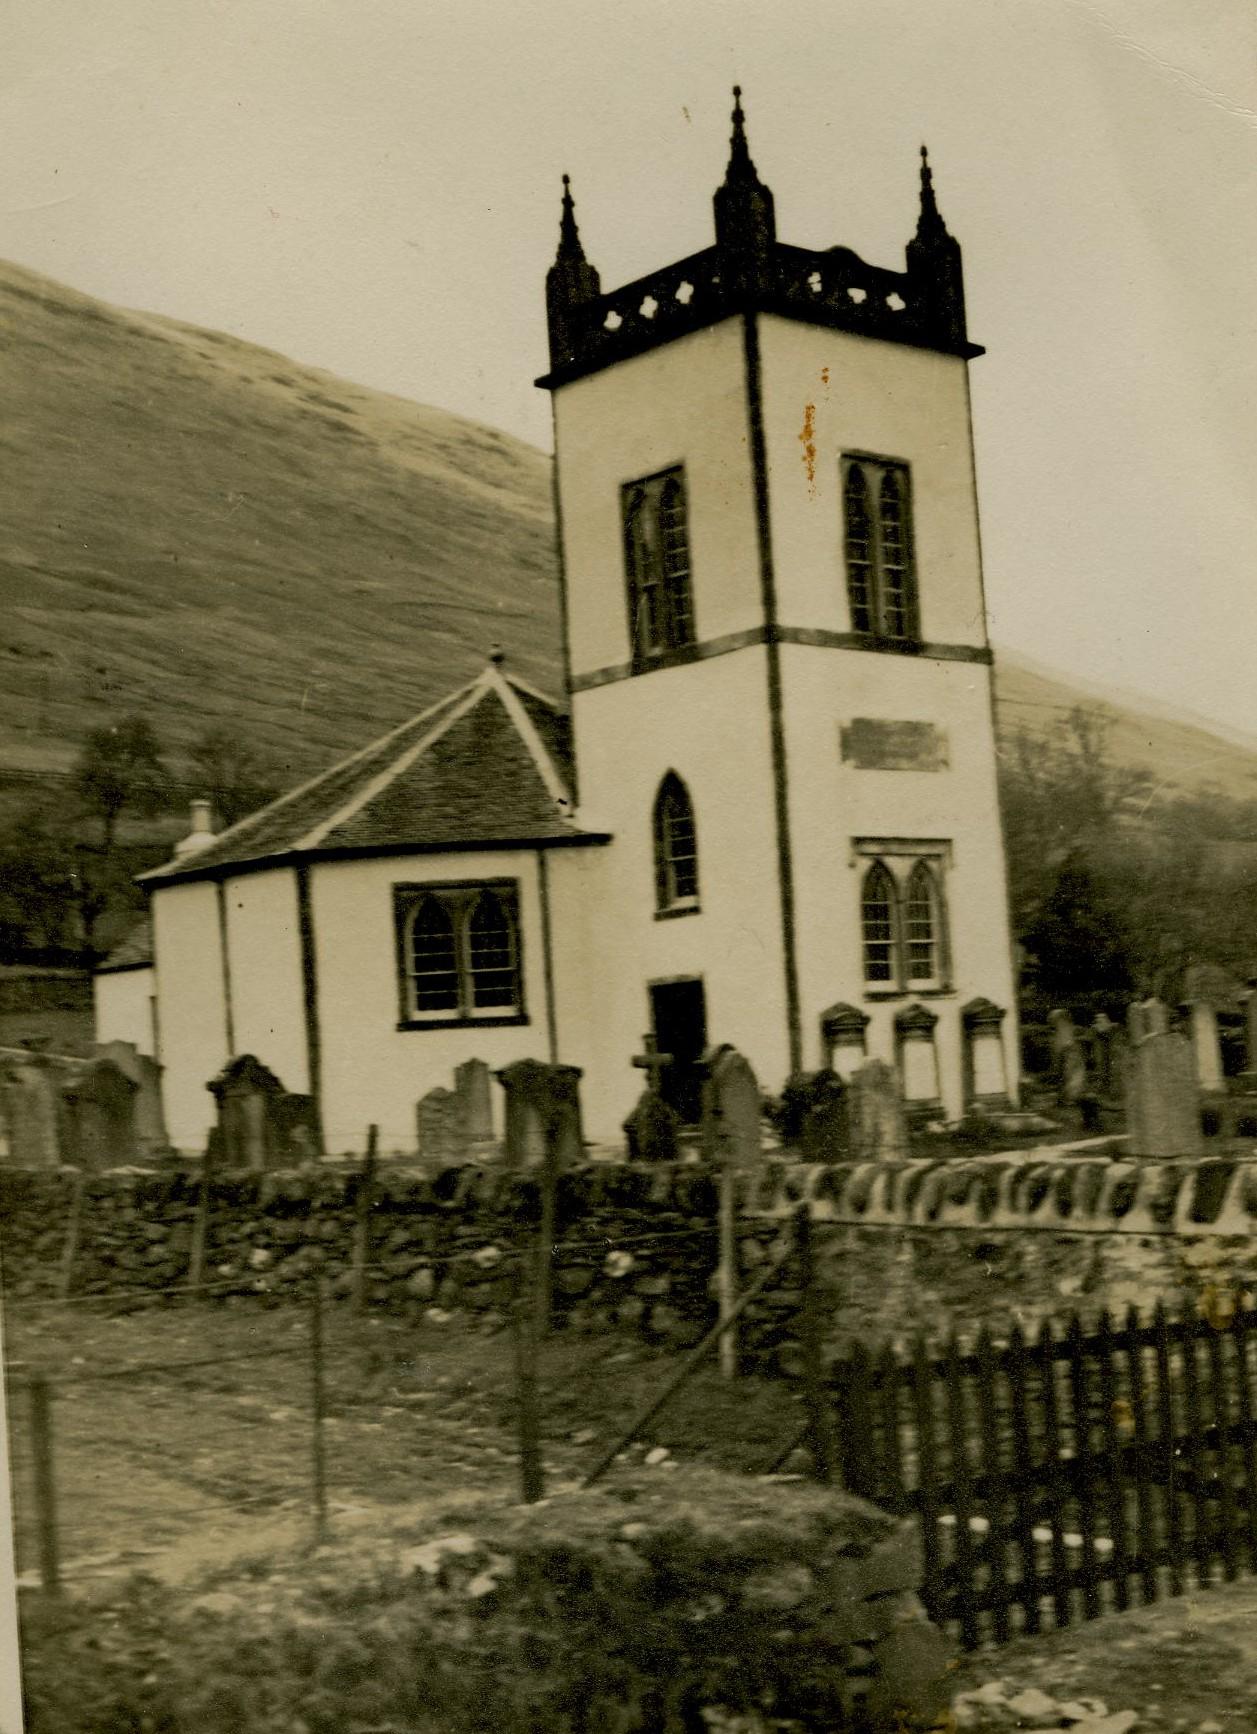 Kilmorich Church